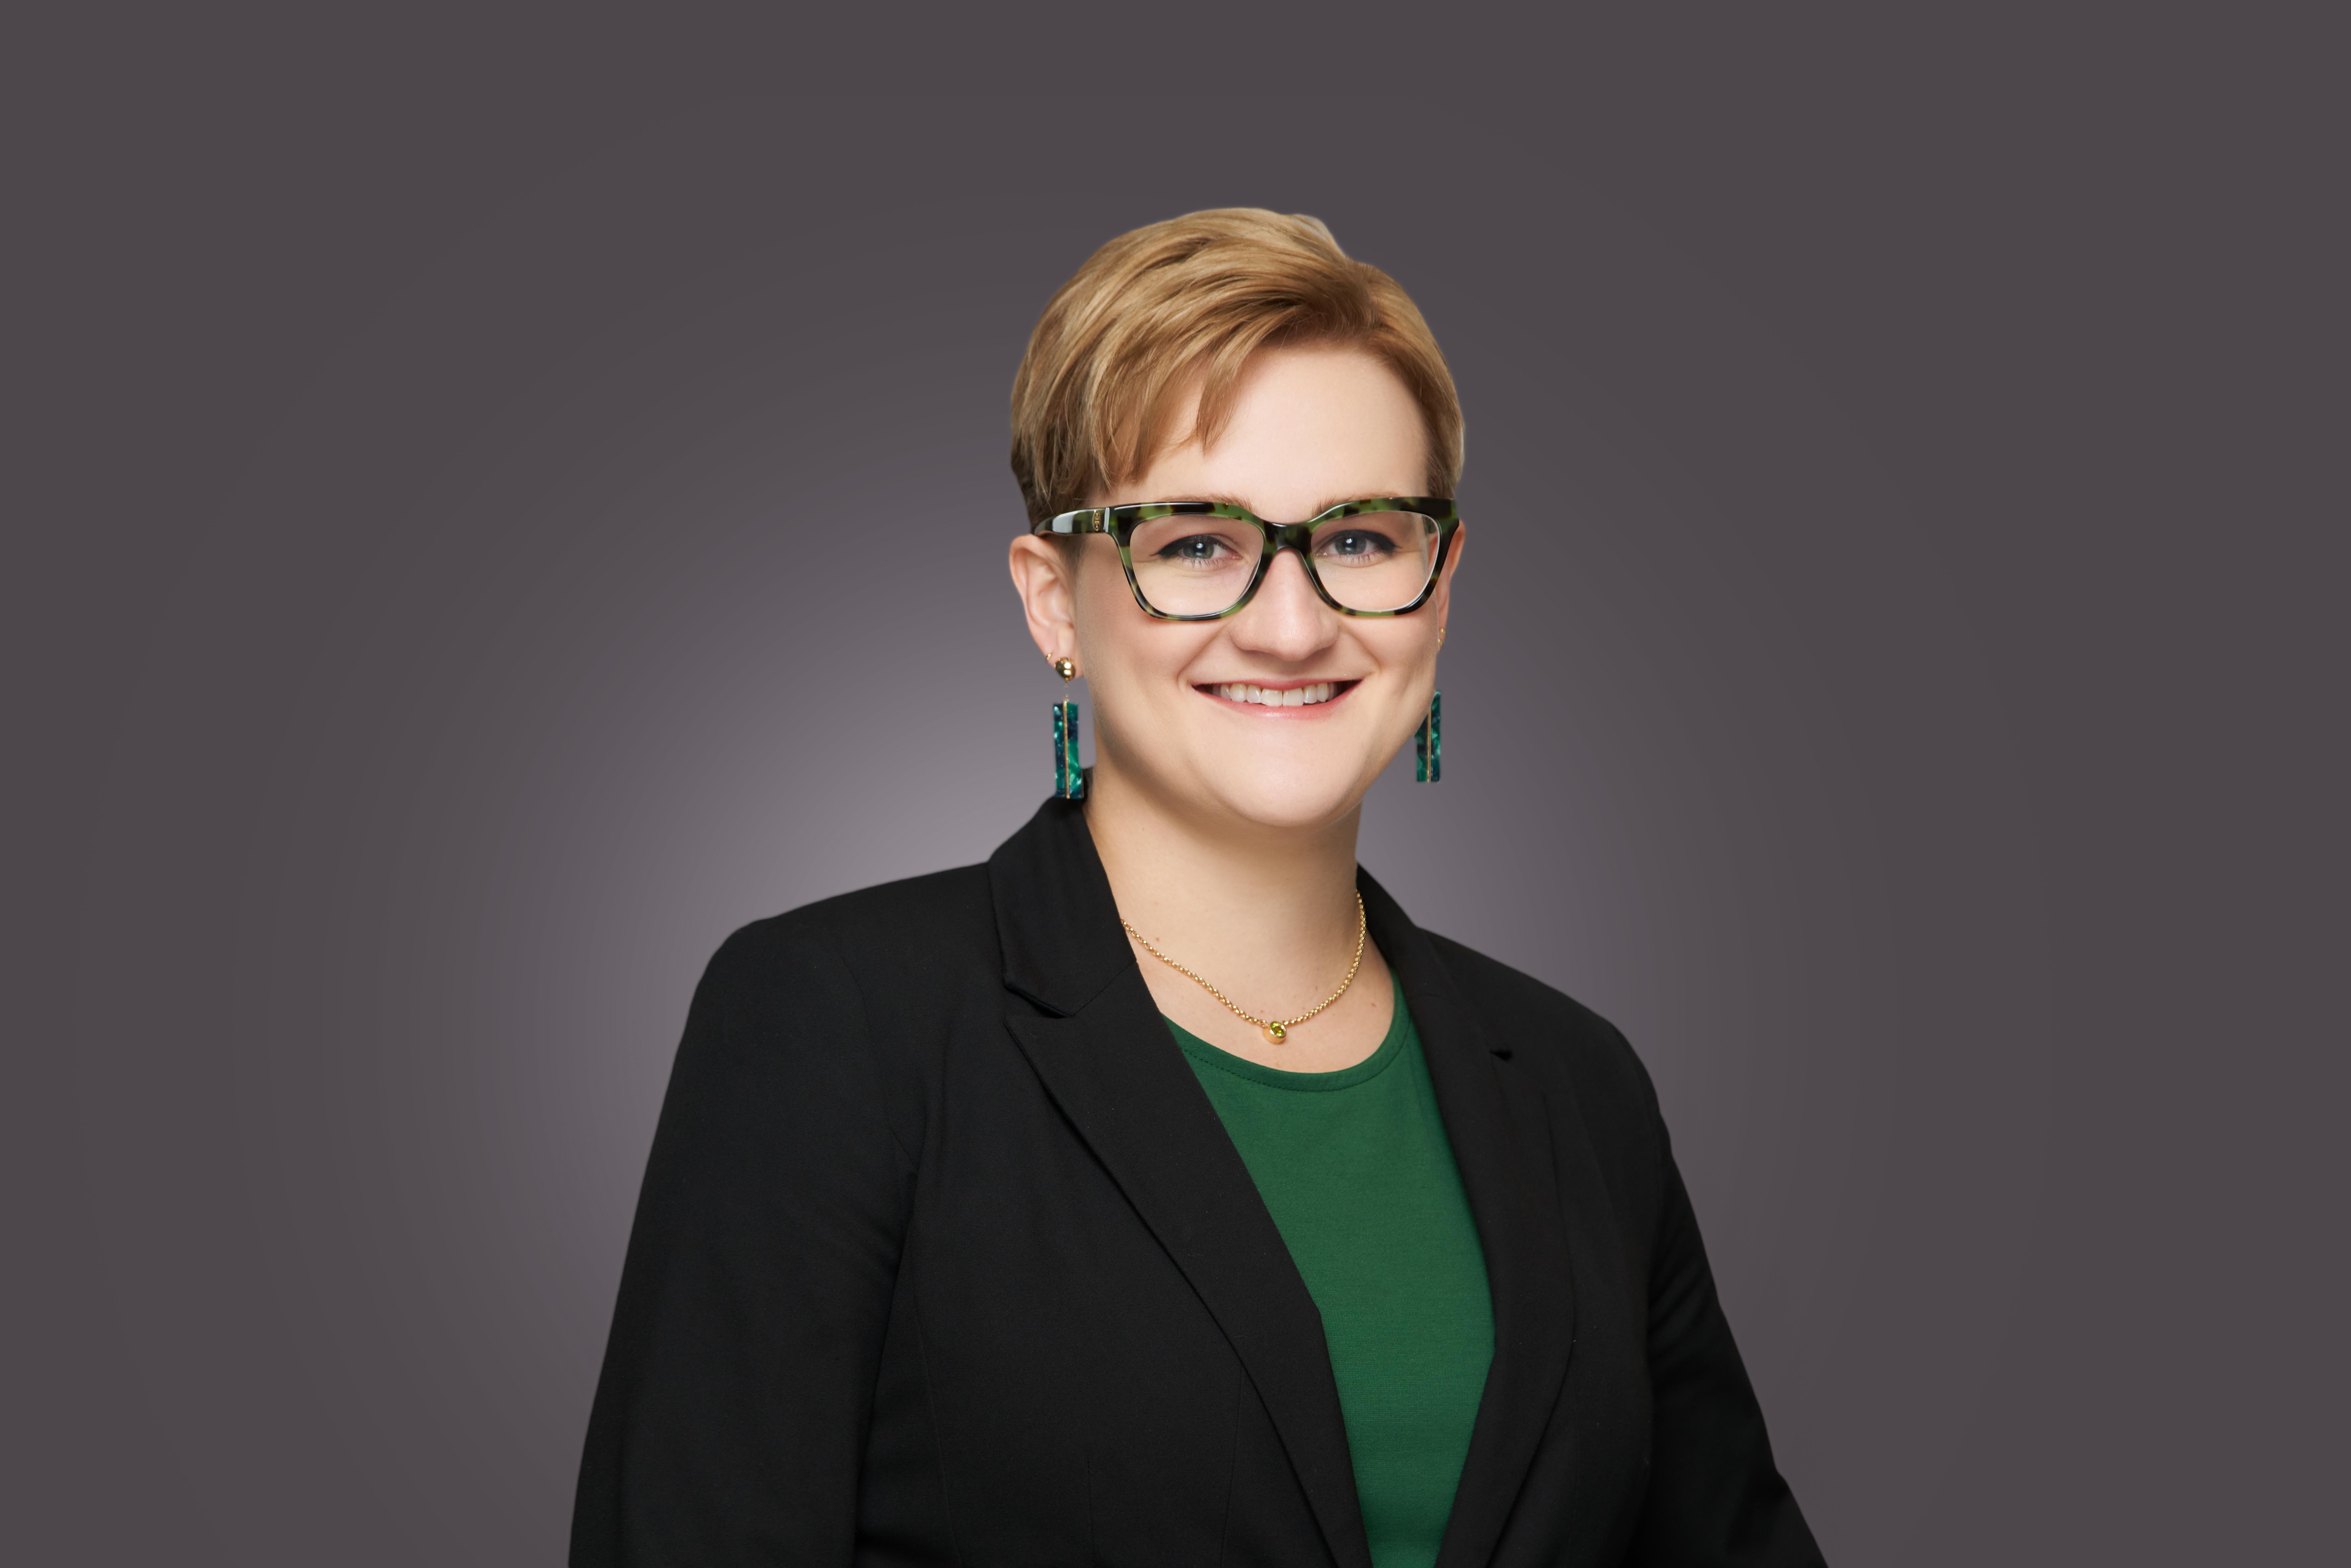 Amanda Forti